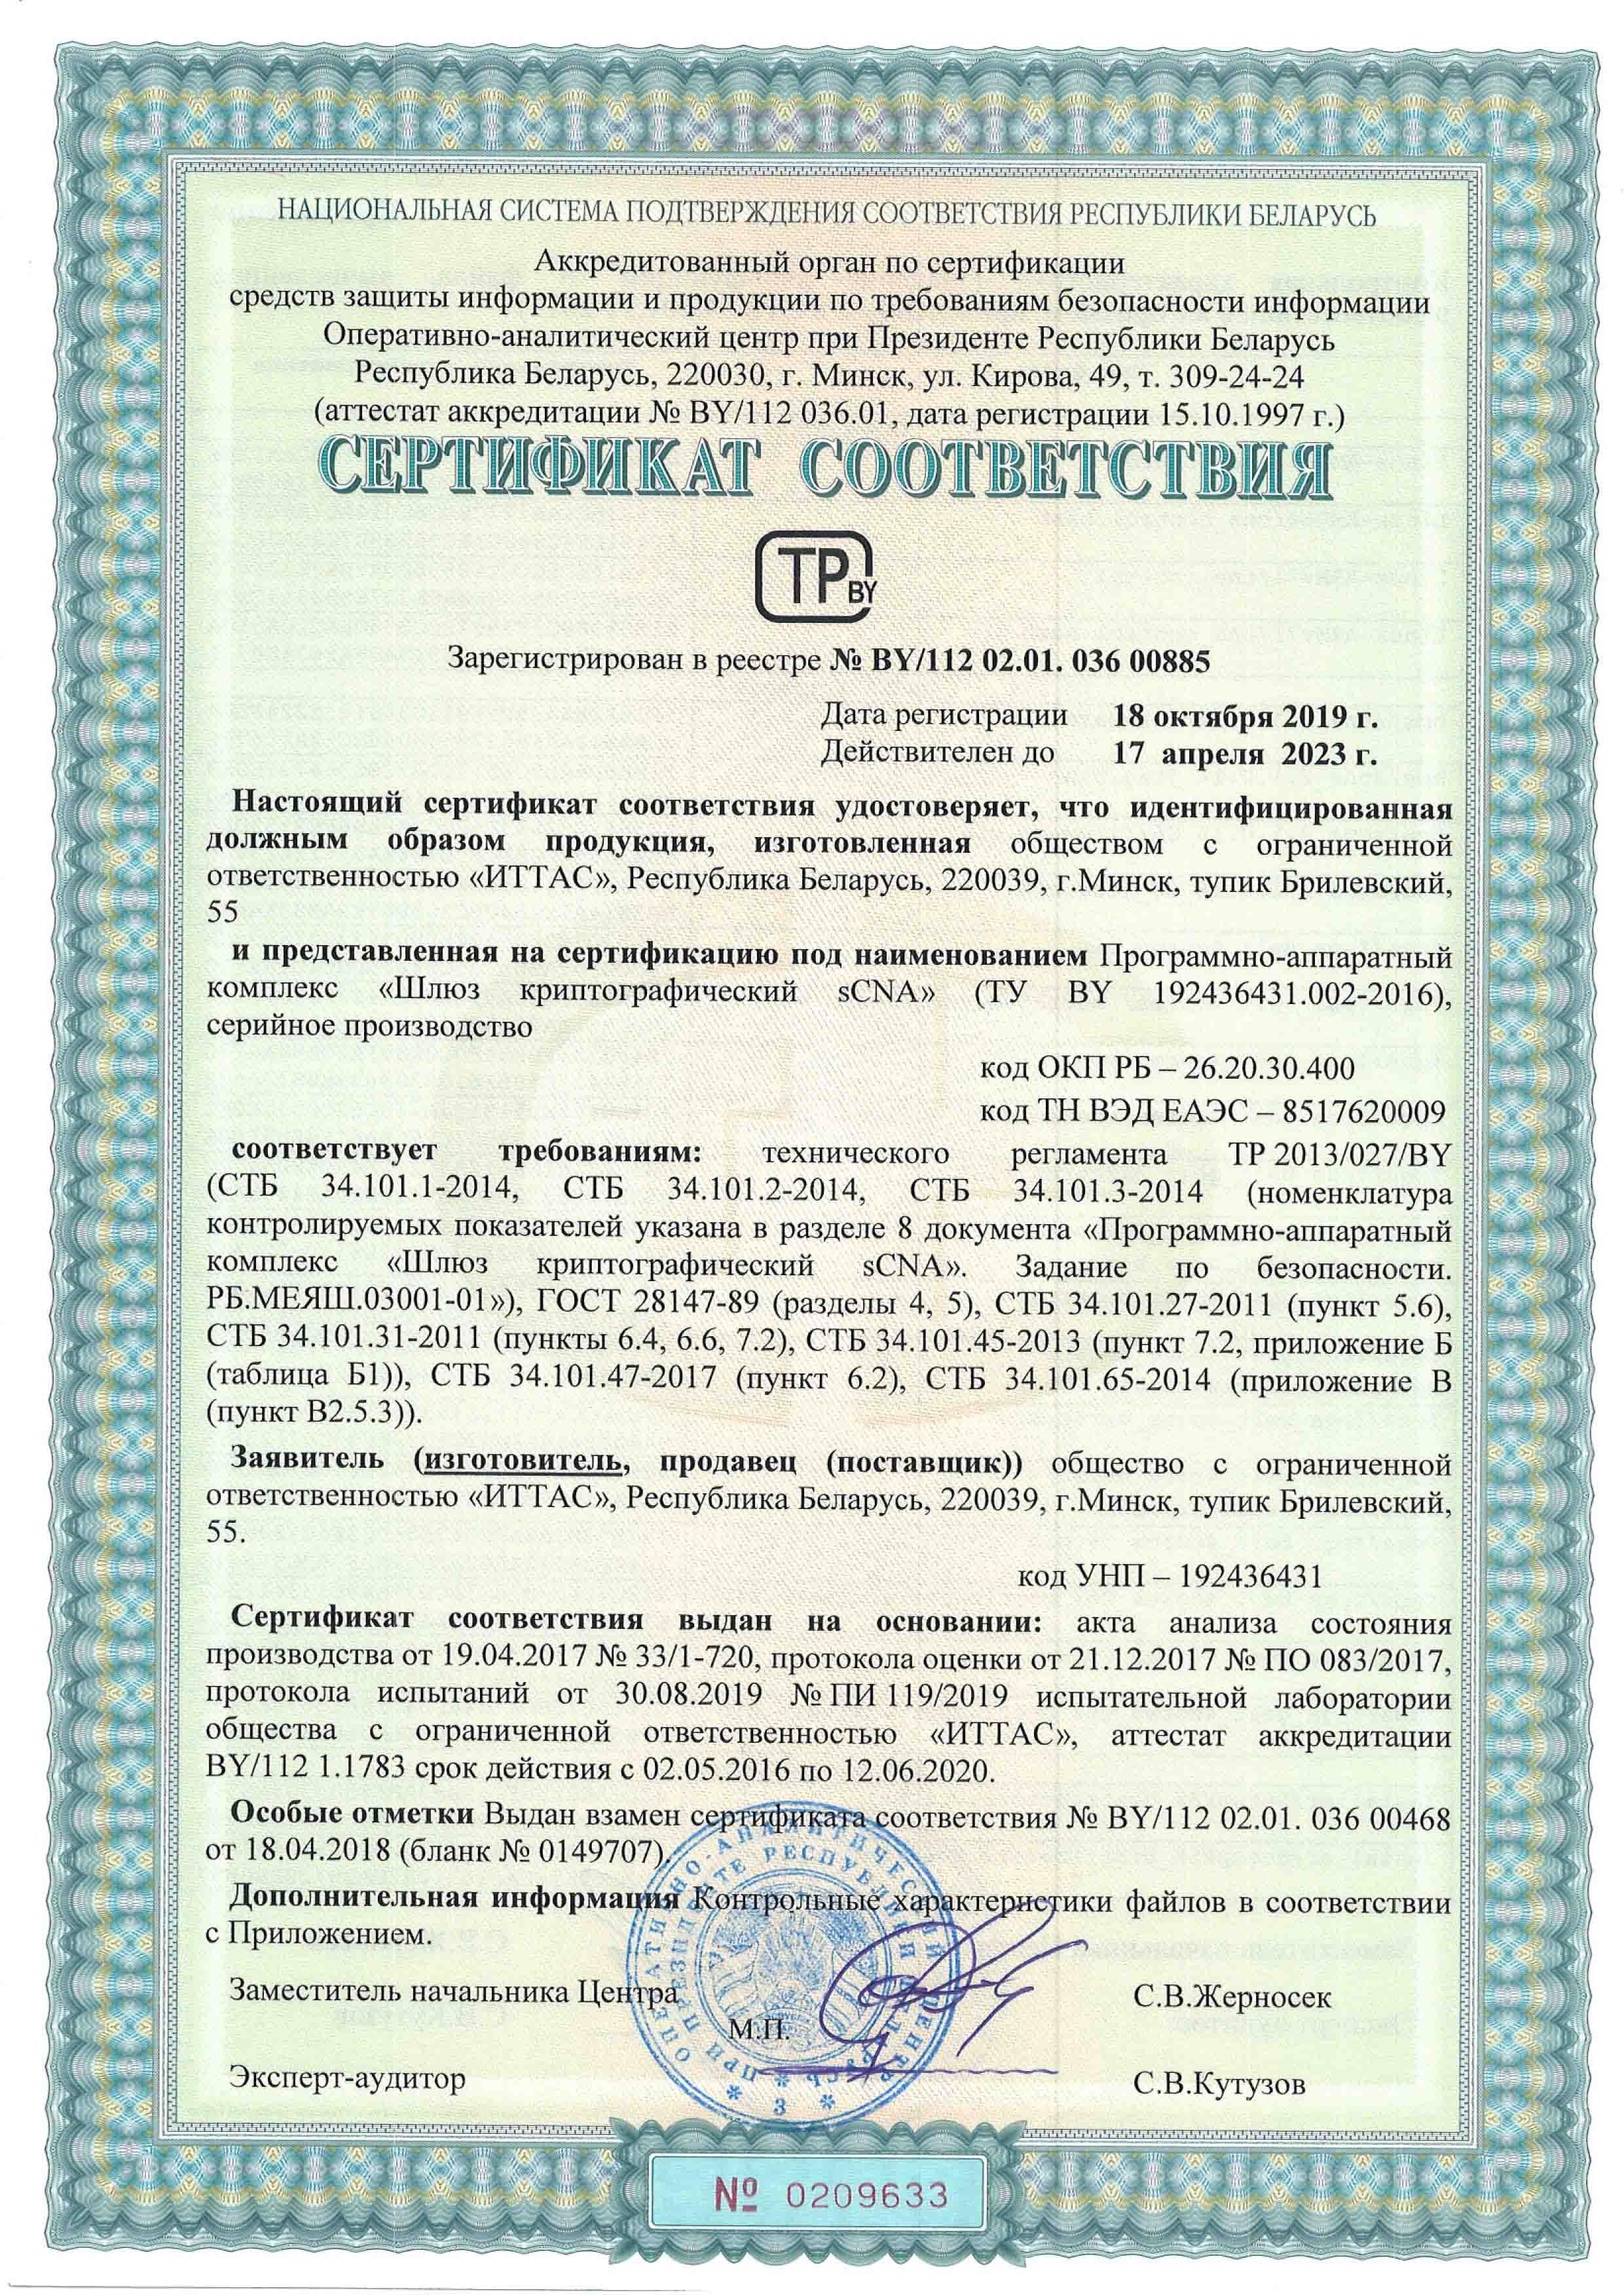 Сертификат соответсвия sCNA